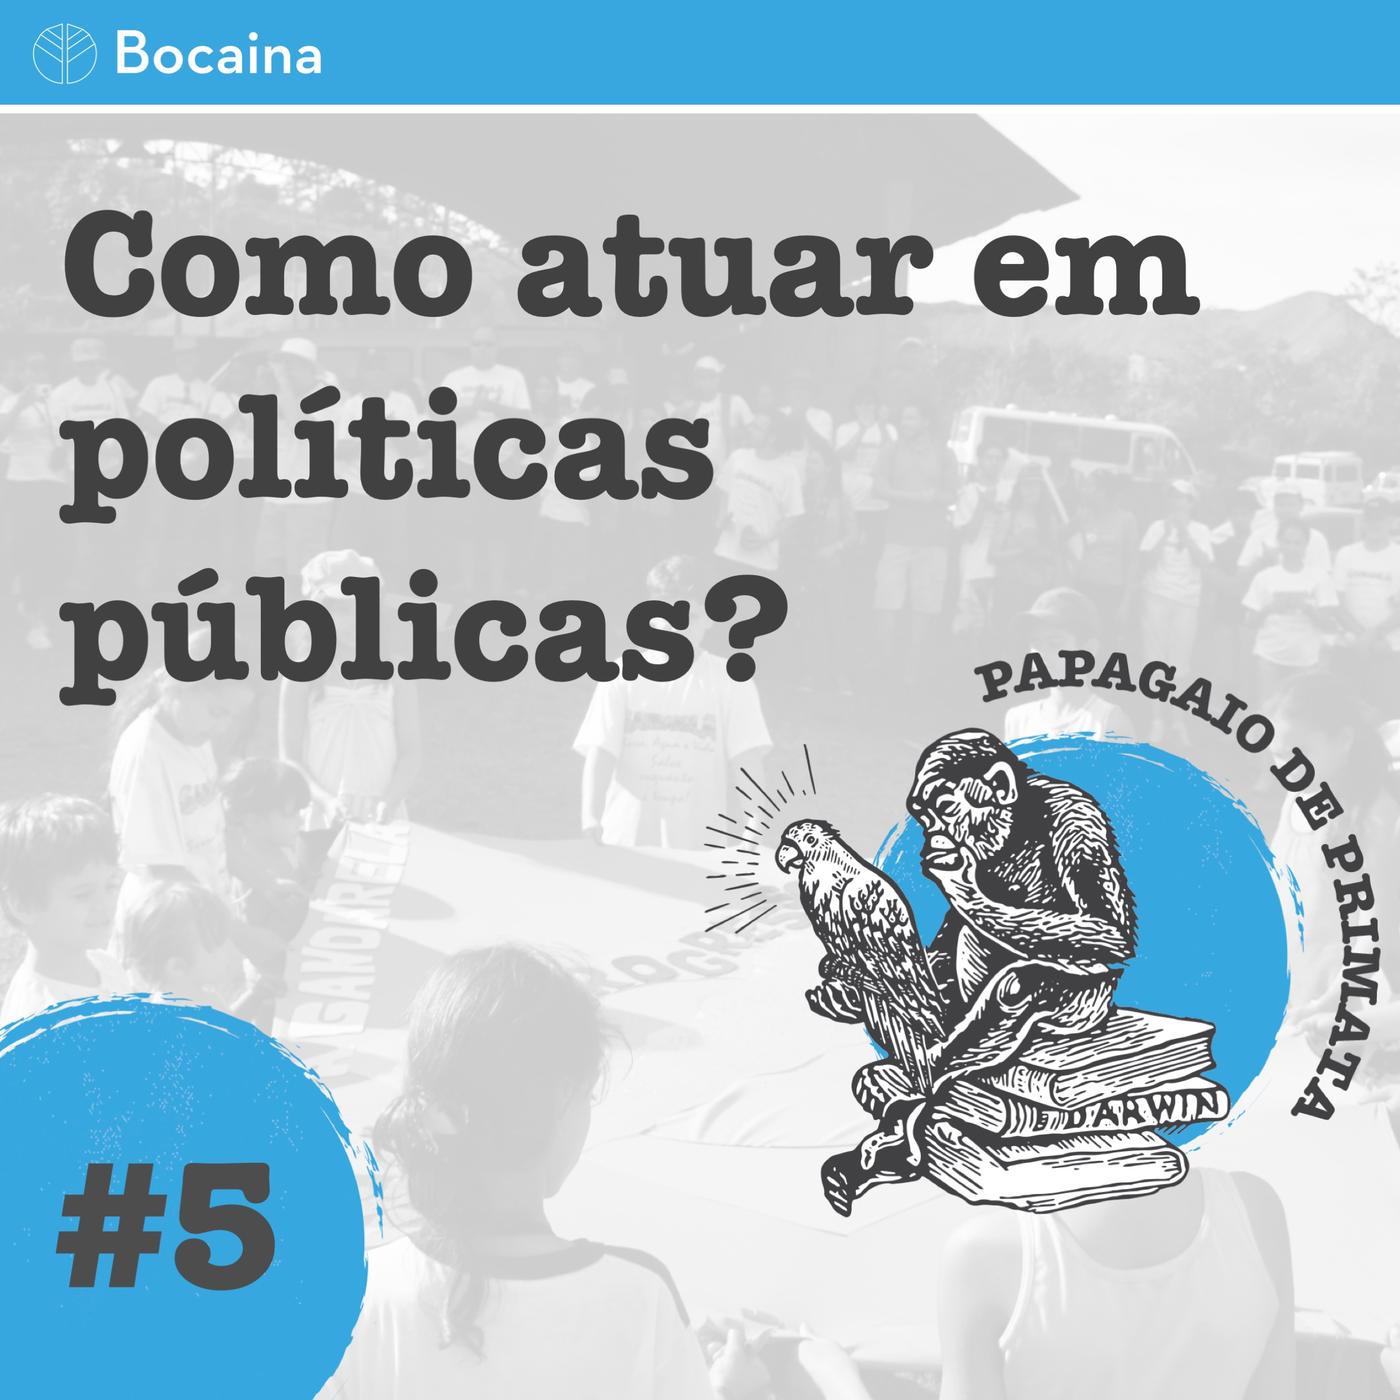 #5 - Como atuar em políticas públicas?